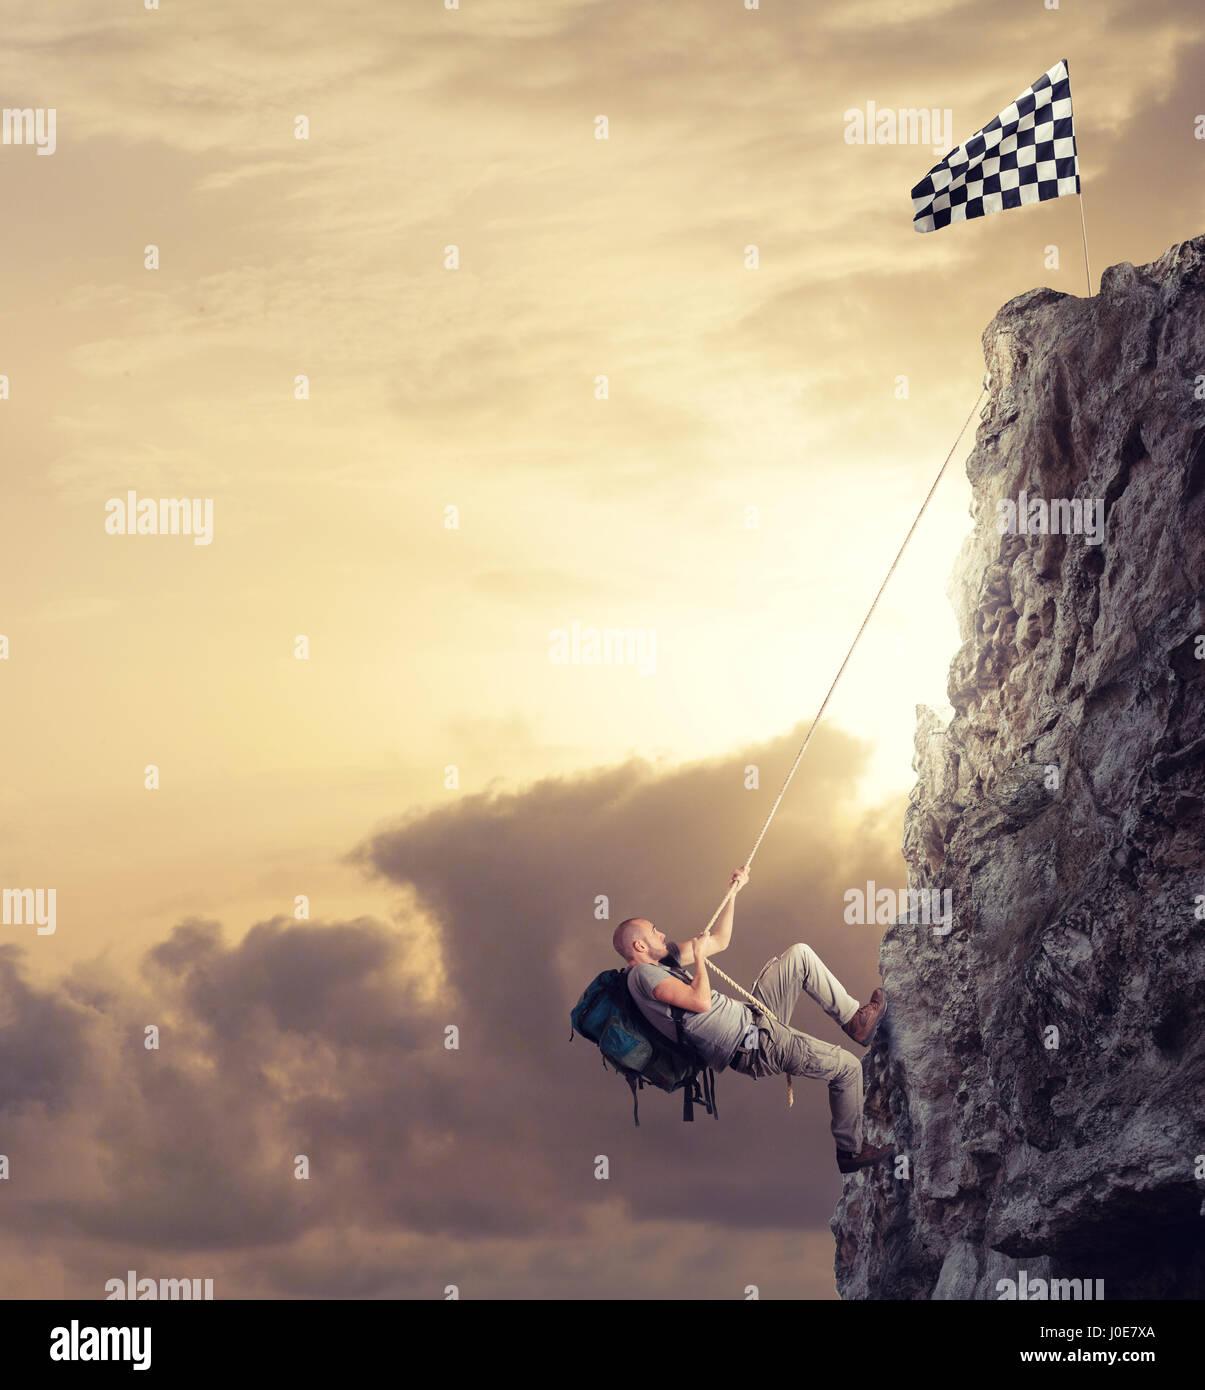 Empresario escalar una montaña para obtener la bandera. Logro objetivo empresarial y difícil concepto Imagen De Stock